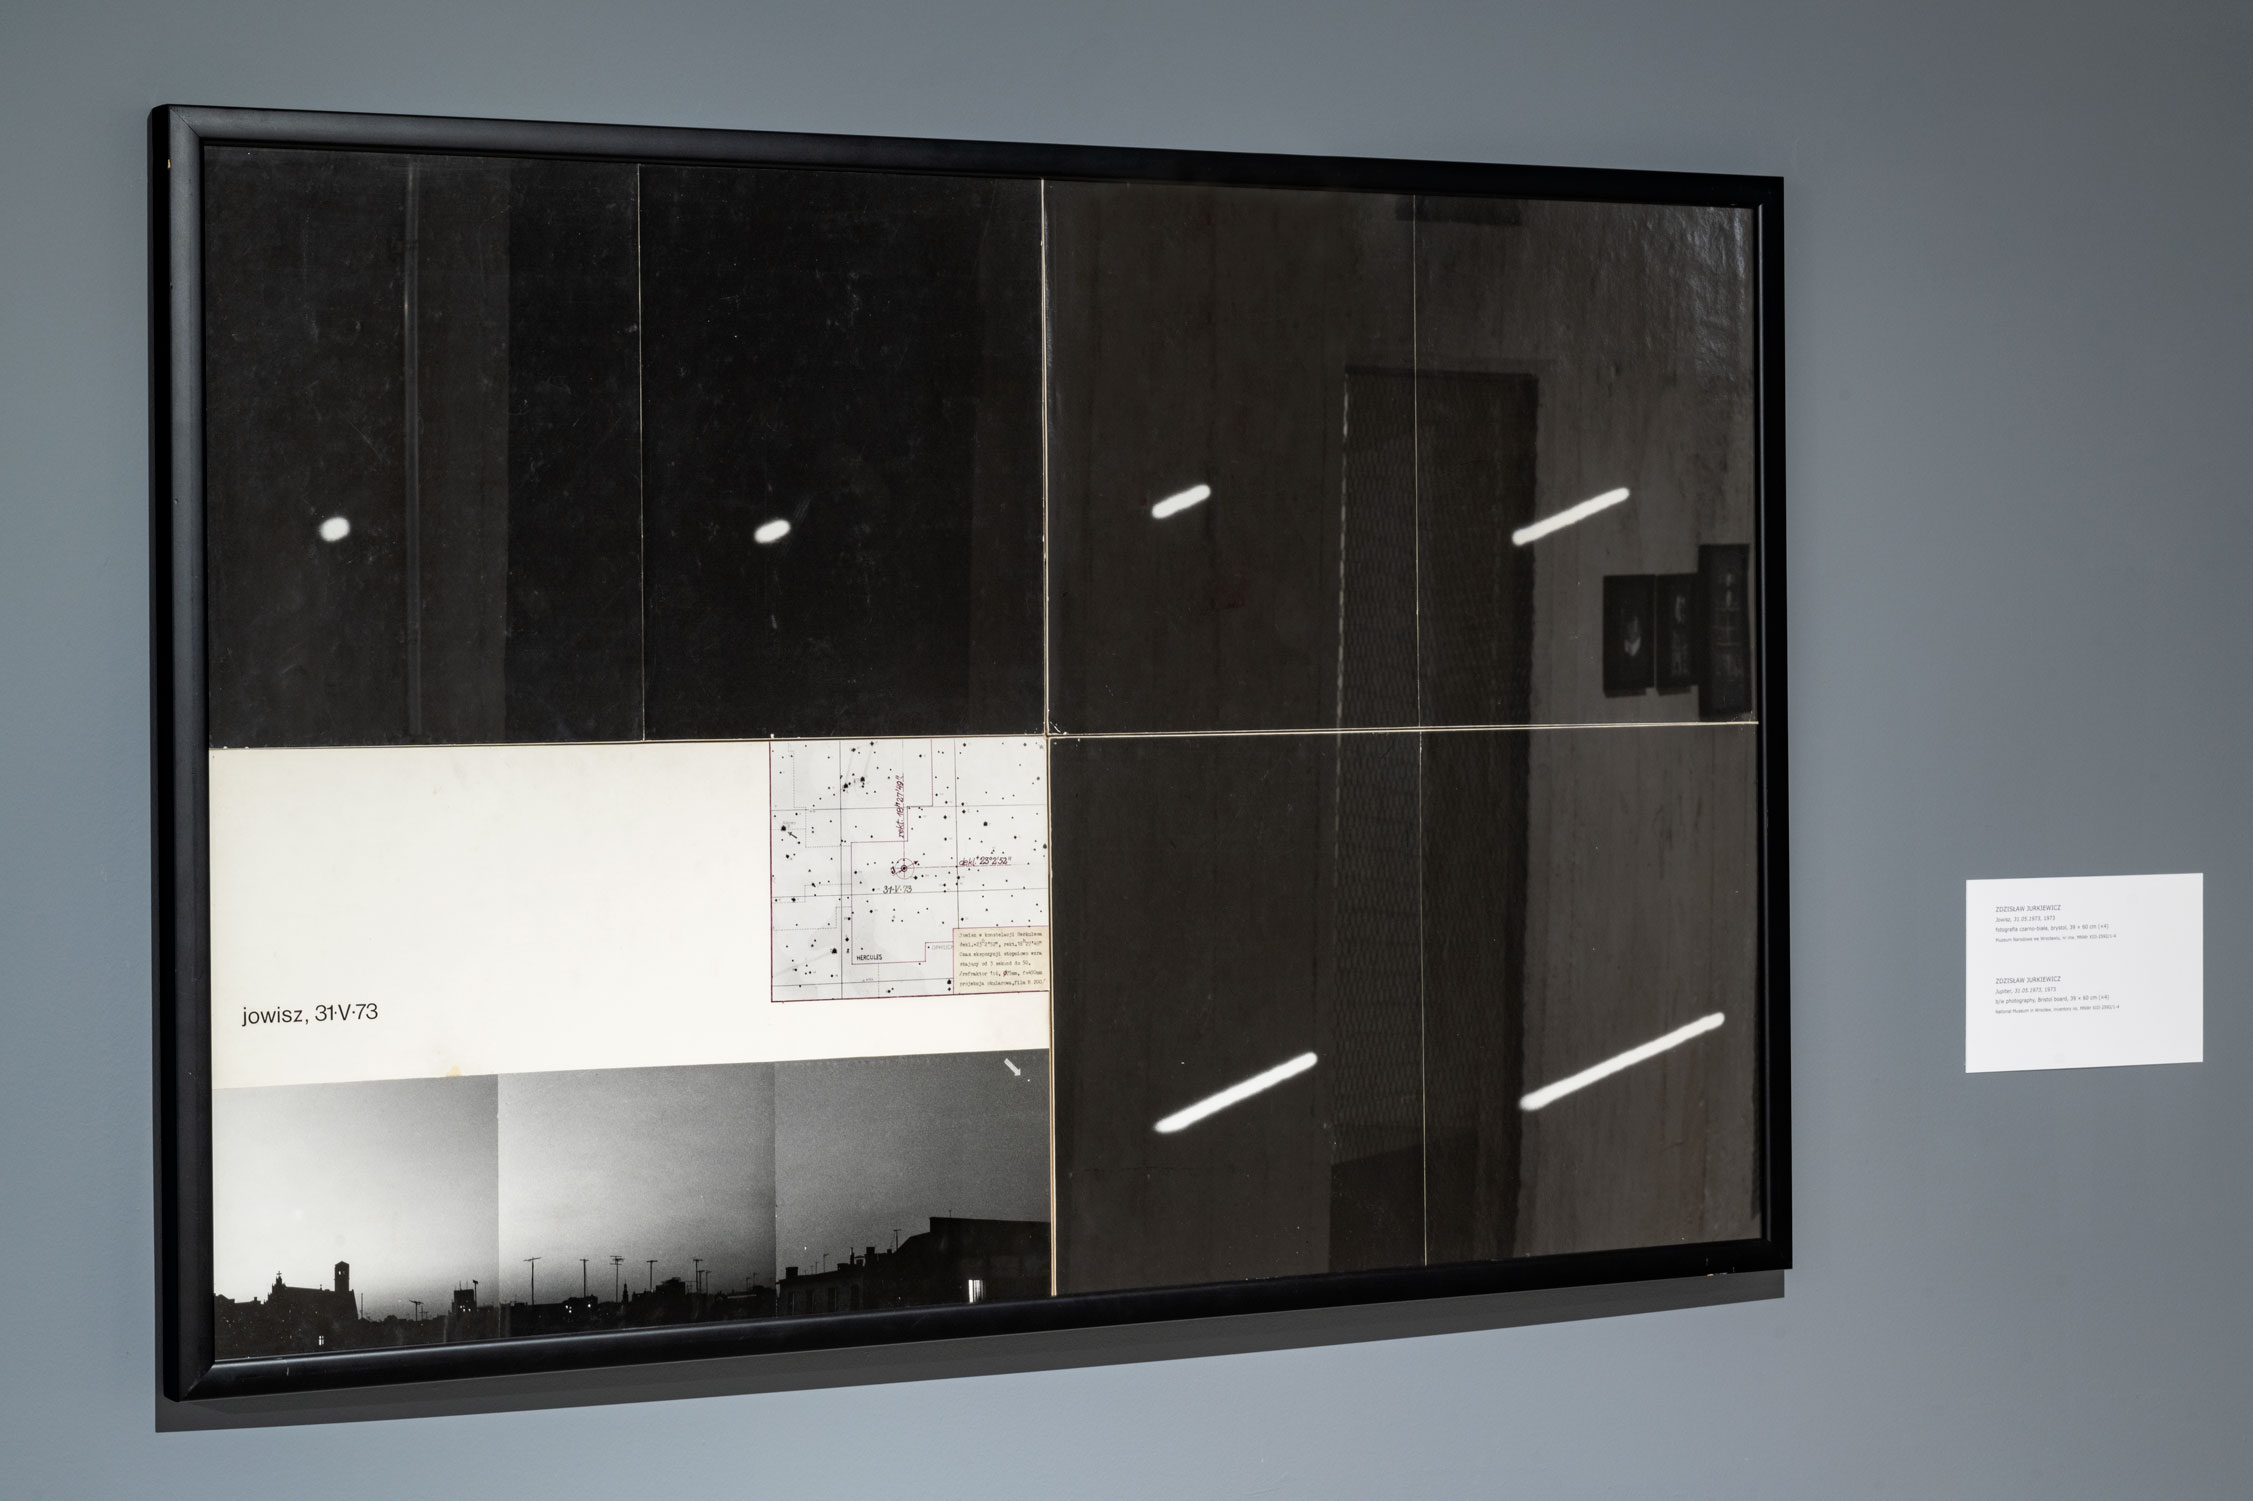 Praca Zdzisława Jurkiewicza Jowisz, 31.05.1973. Cztery poziome czarno-białe fotografie ułożone w dwóch rzędach po dwie w czarnej ramie na szarej ścianie.